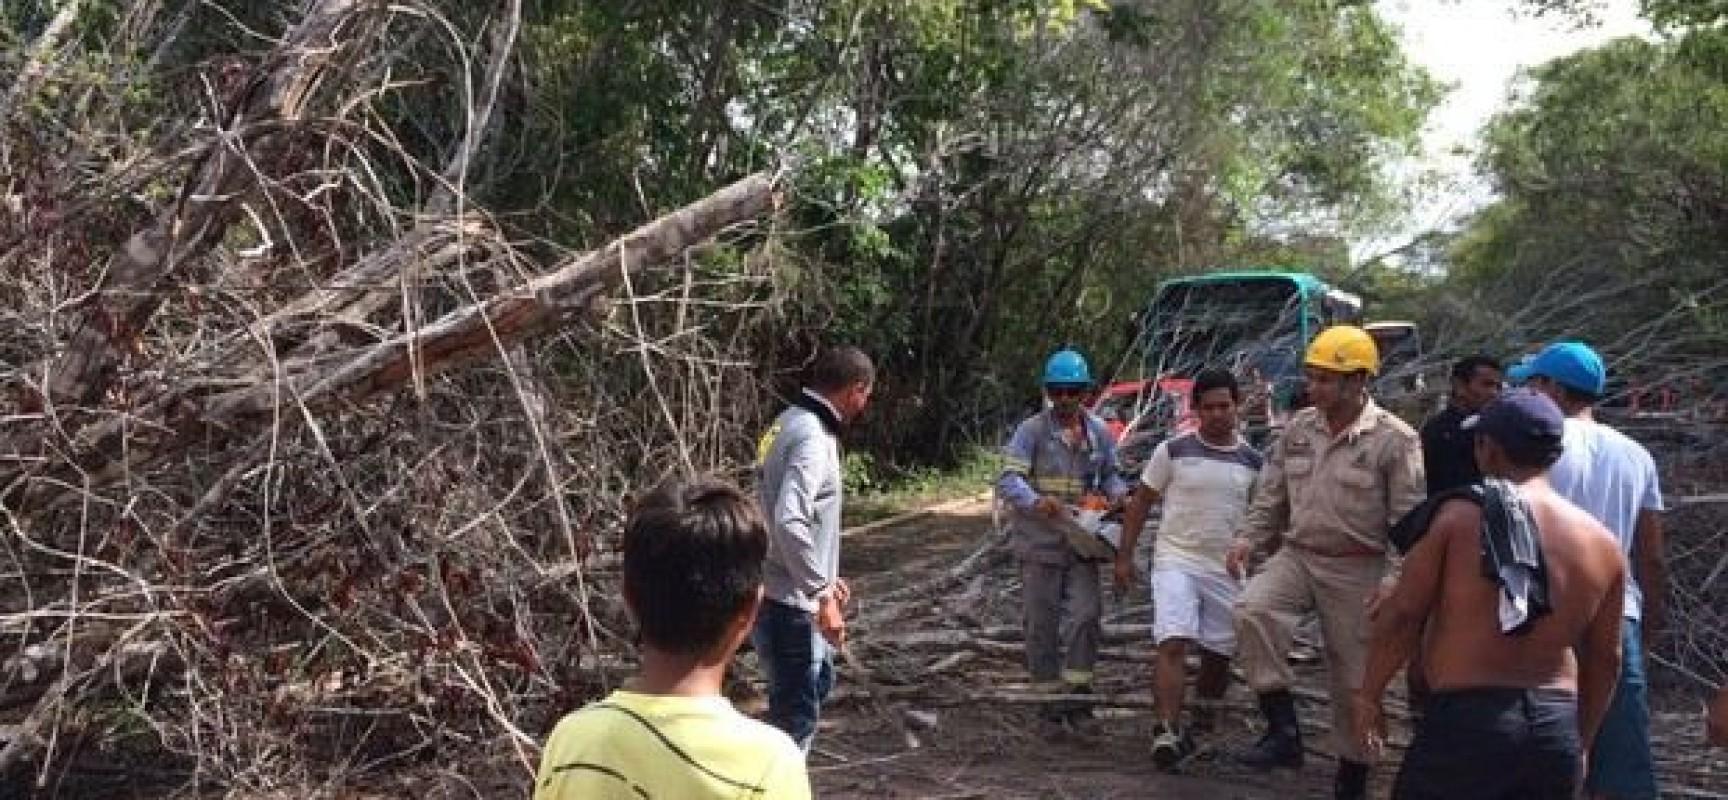 Árvore cai, atinge motoqueiro e deixa BR-163 bloqueada